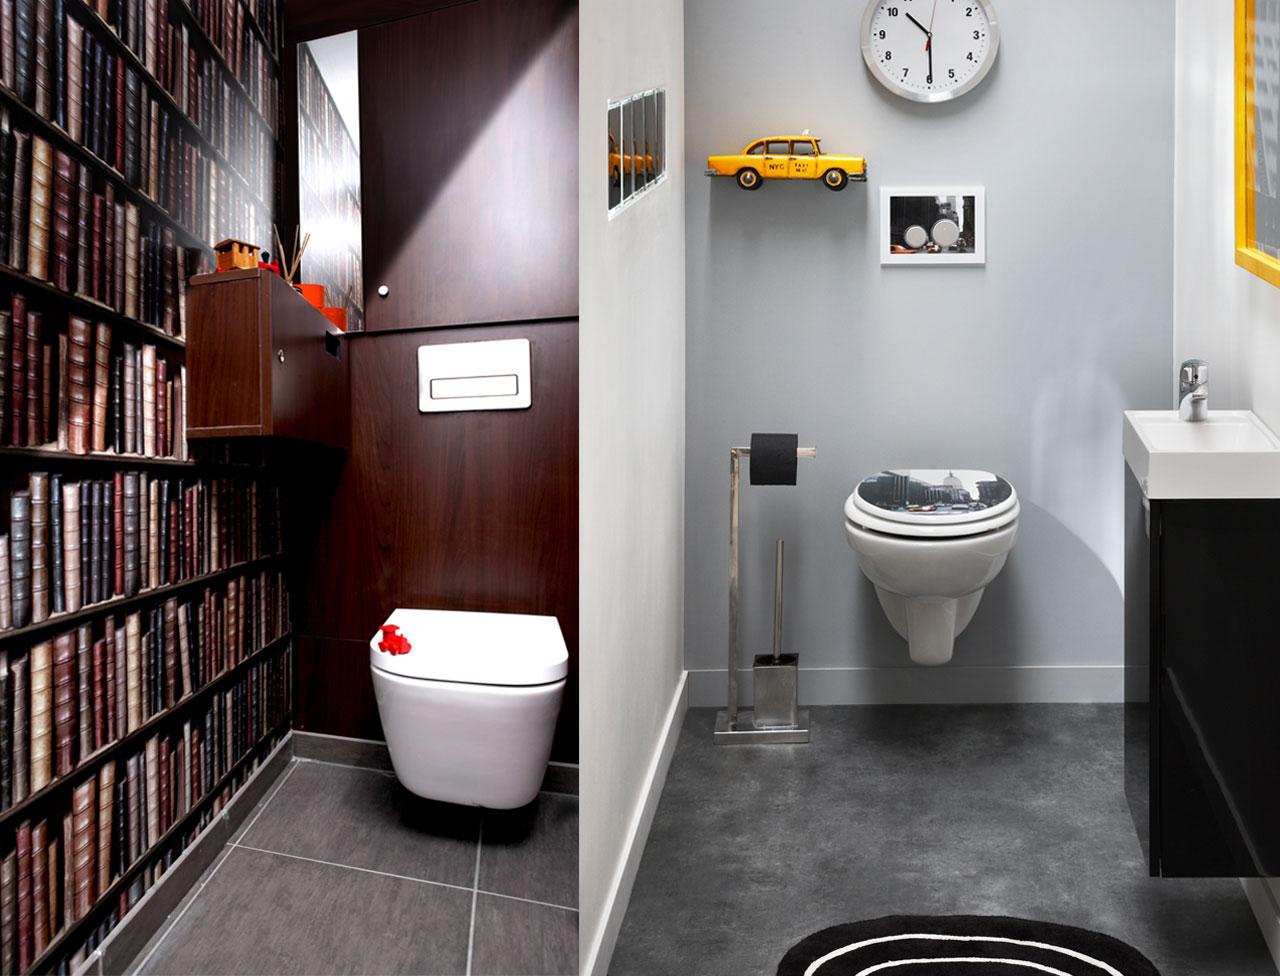 Wiki Sanitaires - Les toilettes